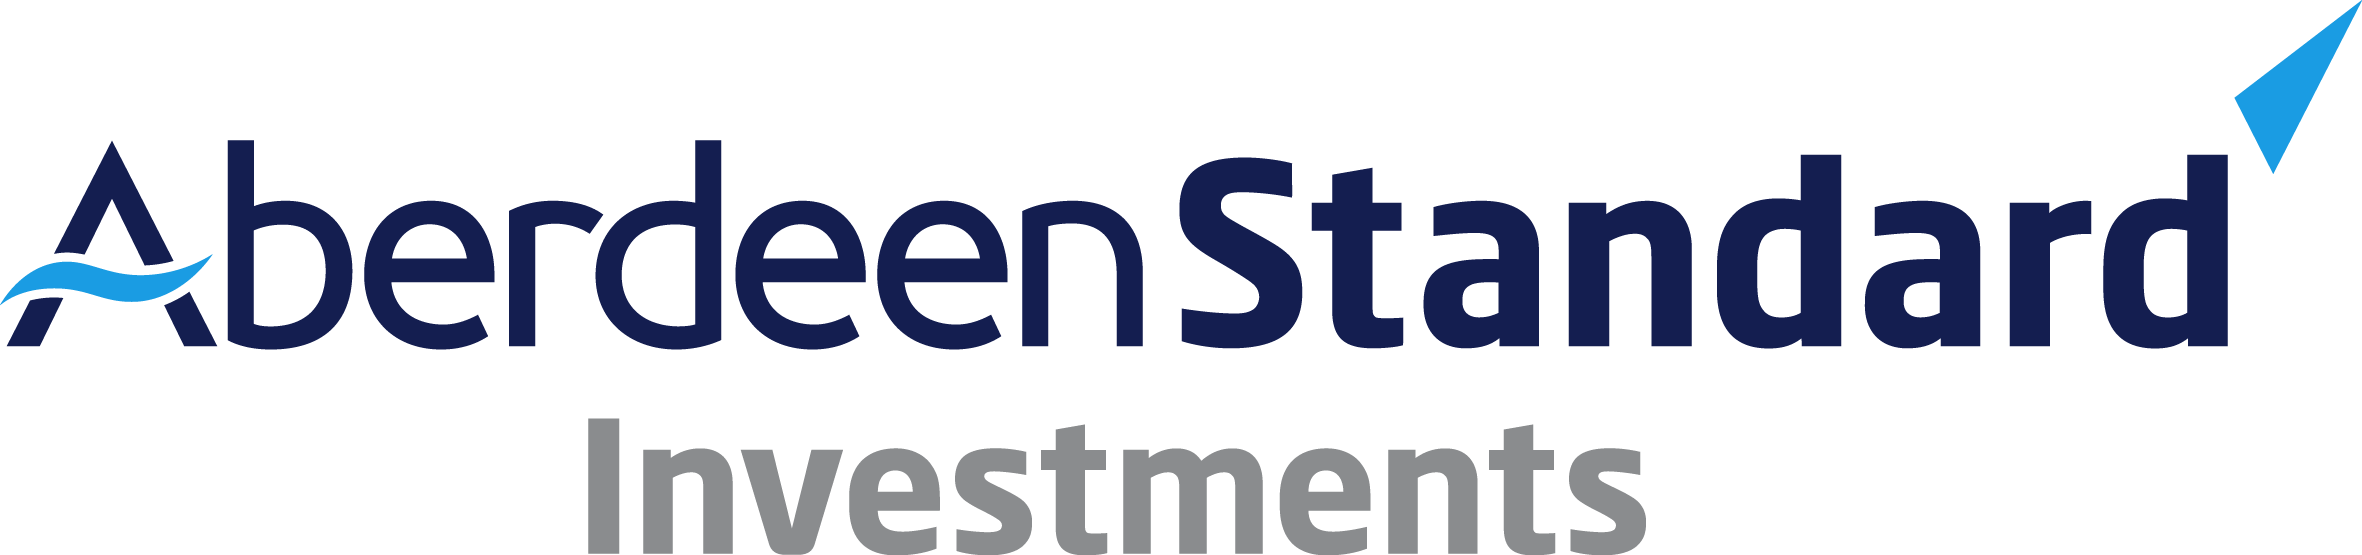 NORTH AMERICAN INCOME TRUST (THE) PLC Logo